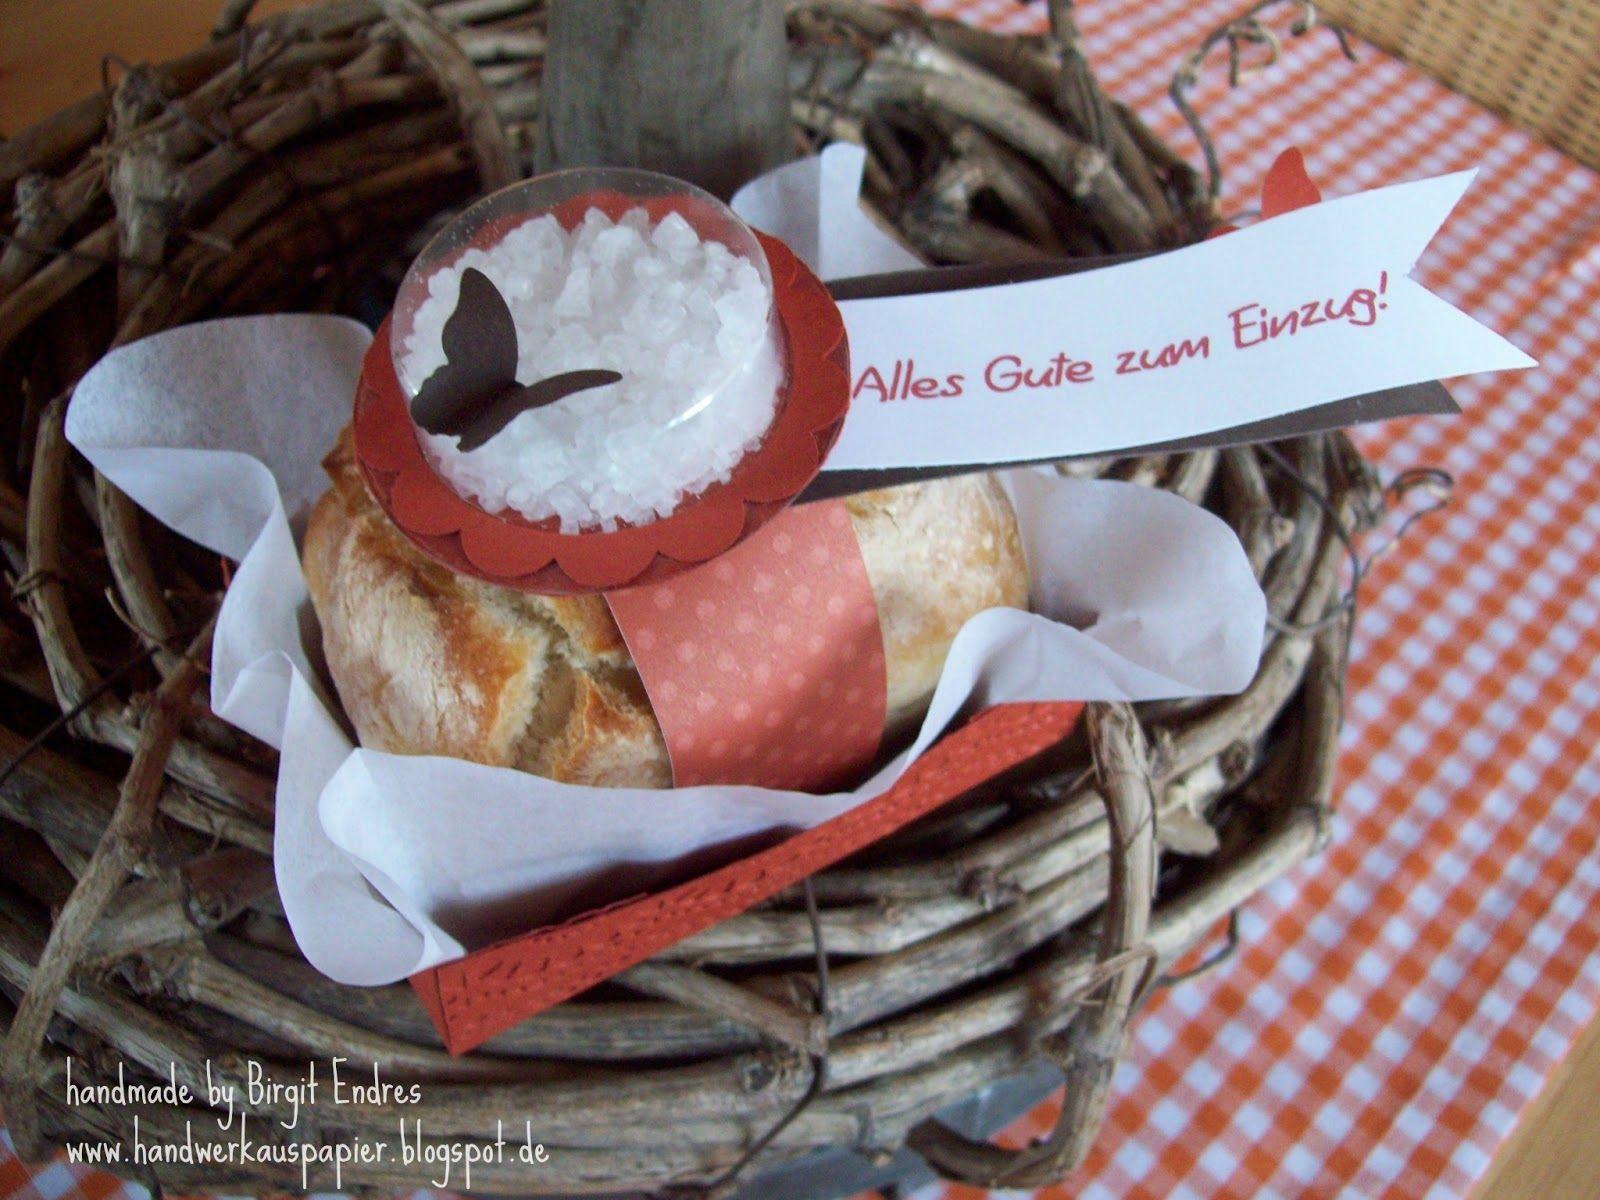 So Heute Gibt Es Nur Schnell Noch Ein Projekt Das Gestern Noch Ganz Spontan Entstanden Ist Weil Ich Am Sonntag Brot Und Salz Geschenke Sussigkeiten Geschenk